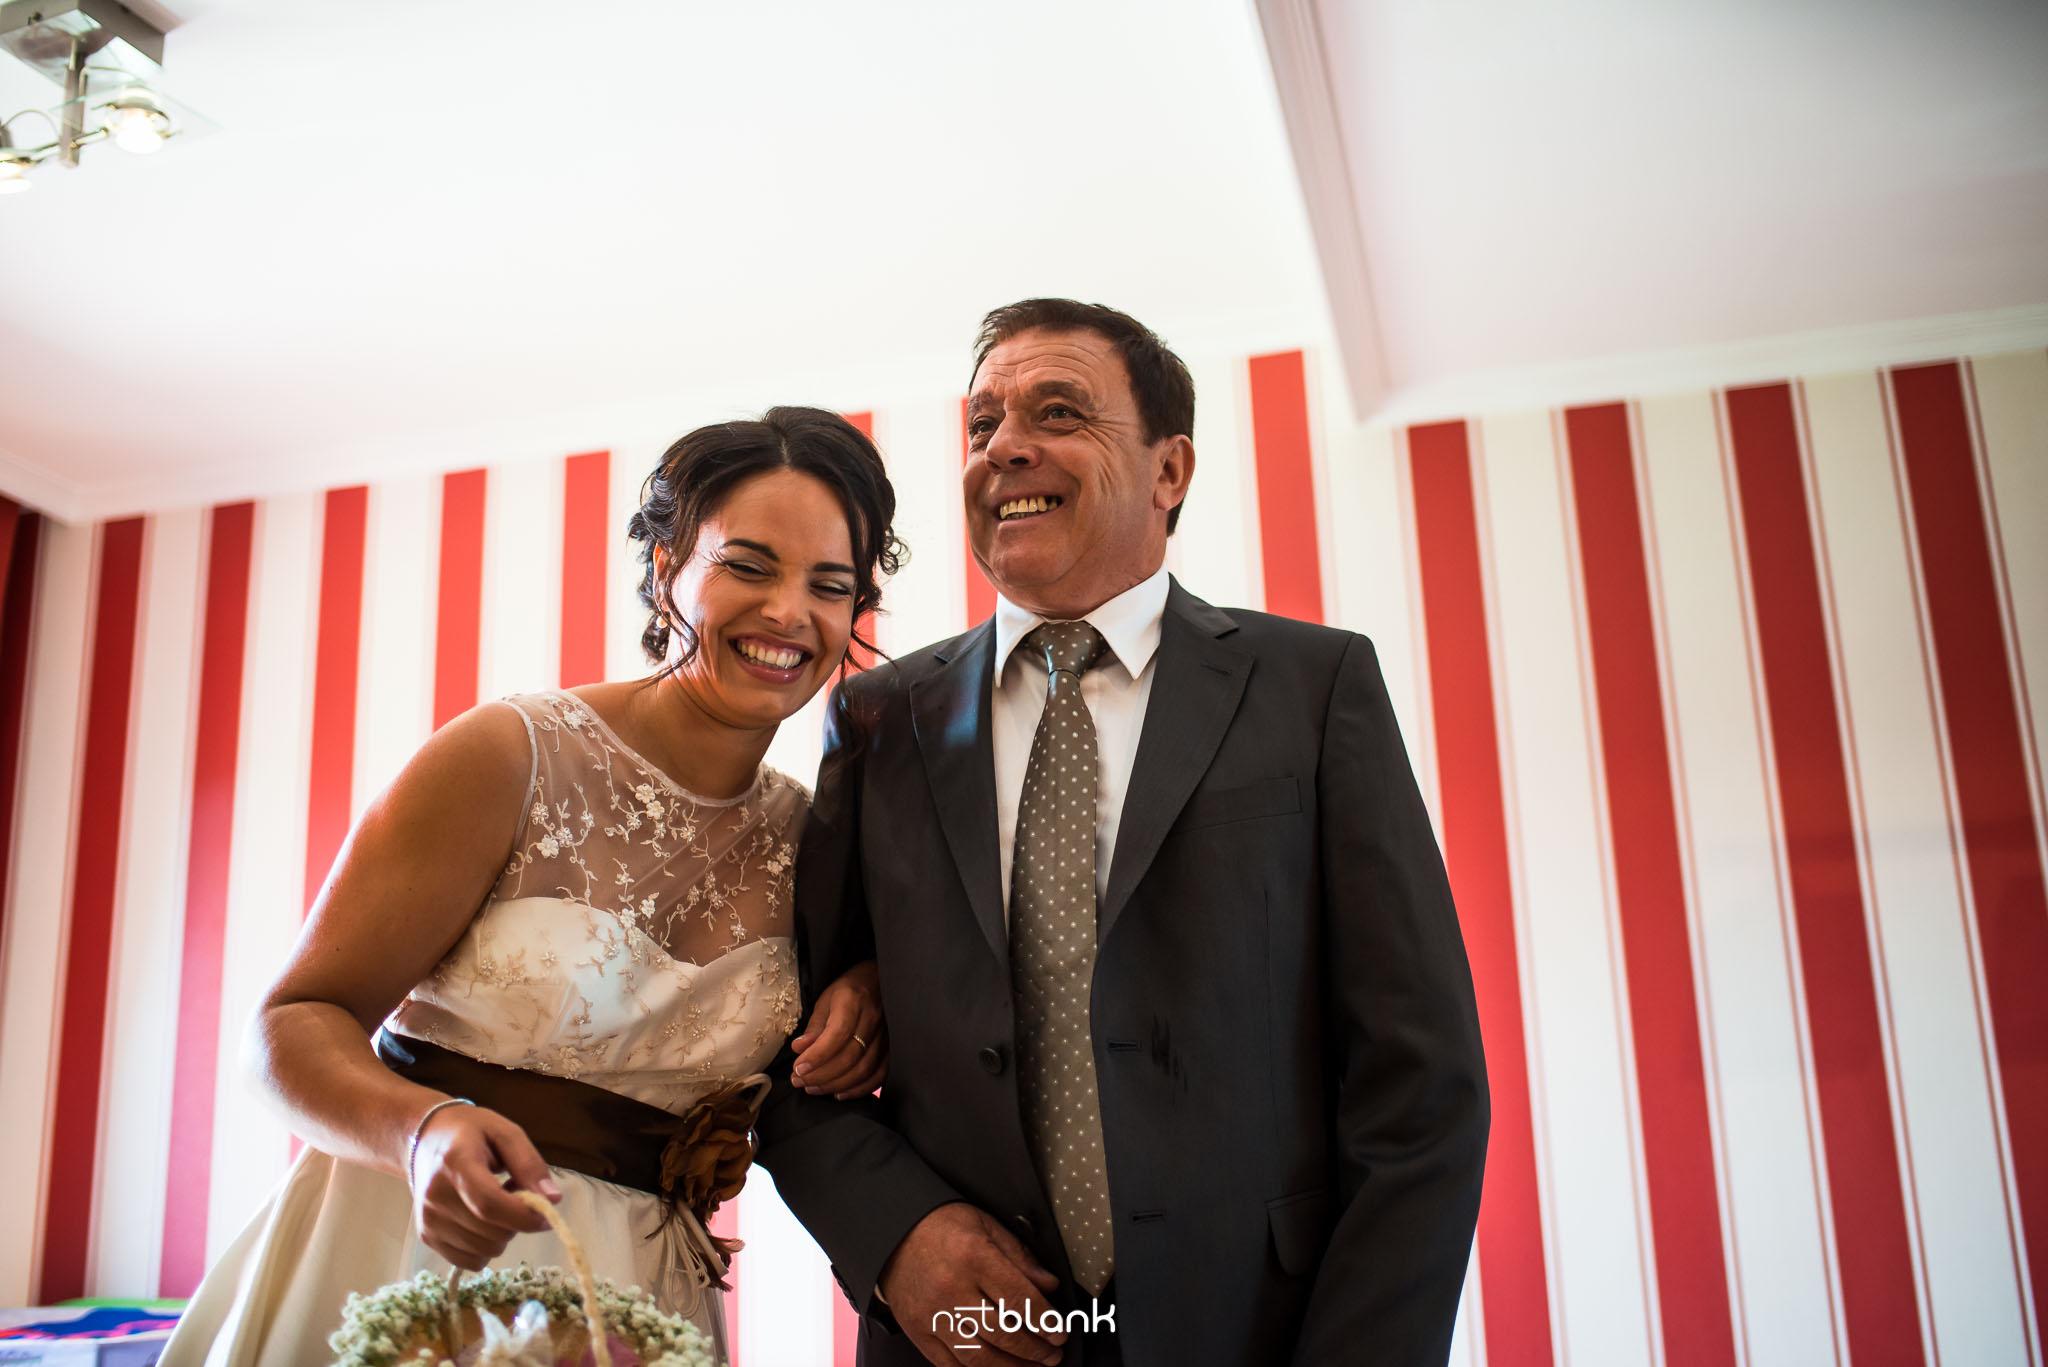 Preparativos-Tui-Novia-Fotógrafo de boda-Padre-Padrino-Casa de la novia